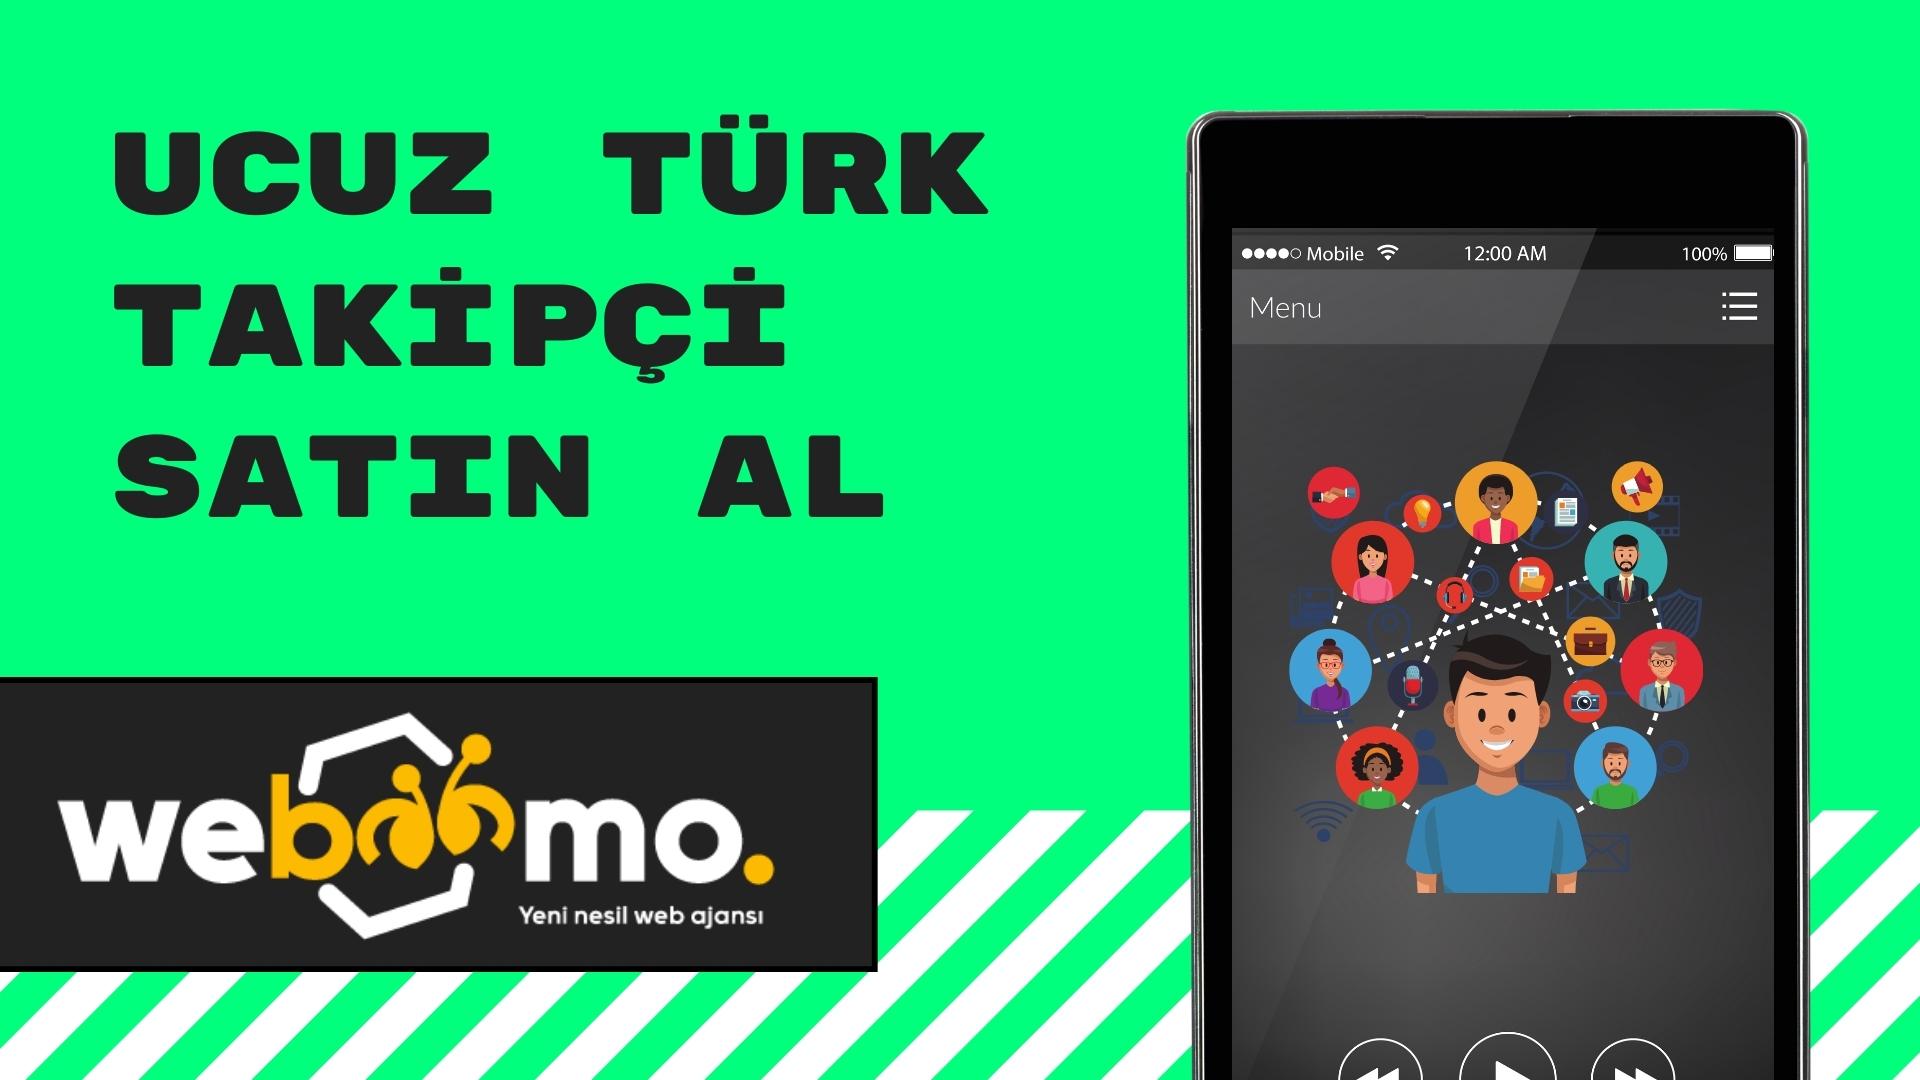 Ucuz Türk Takipçi Satın Al